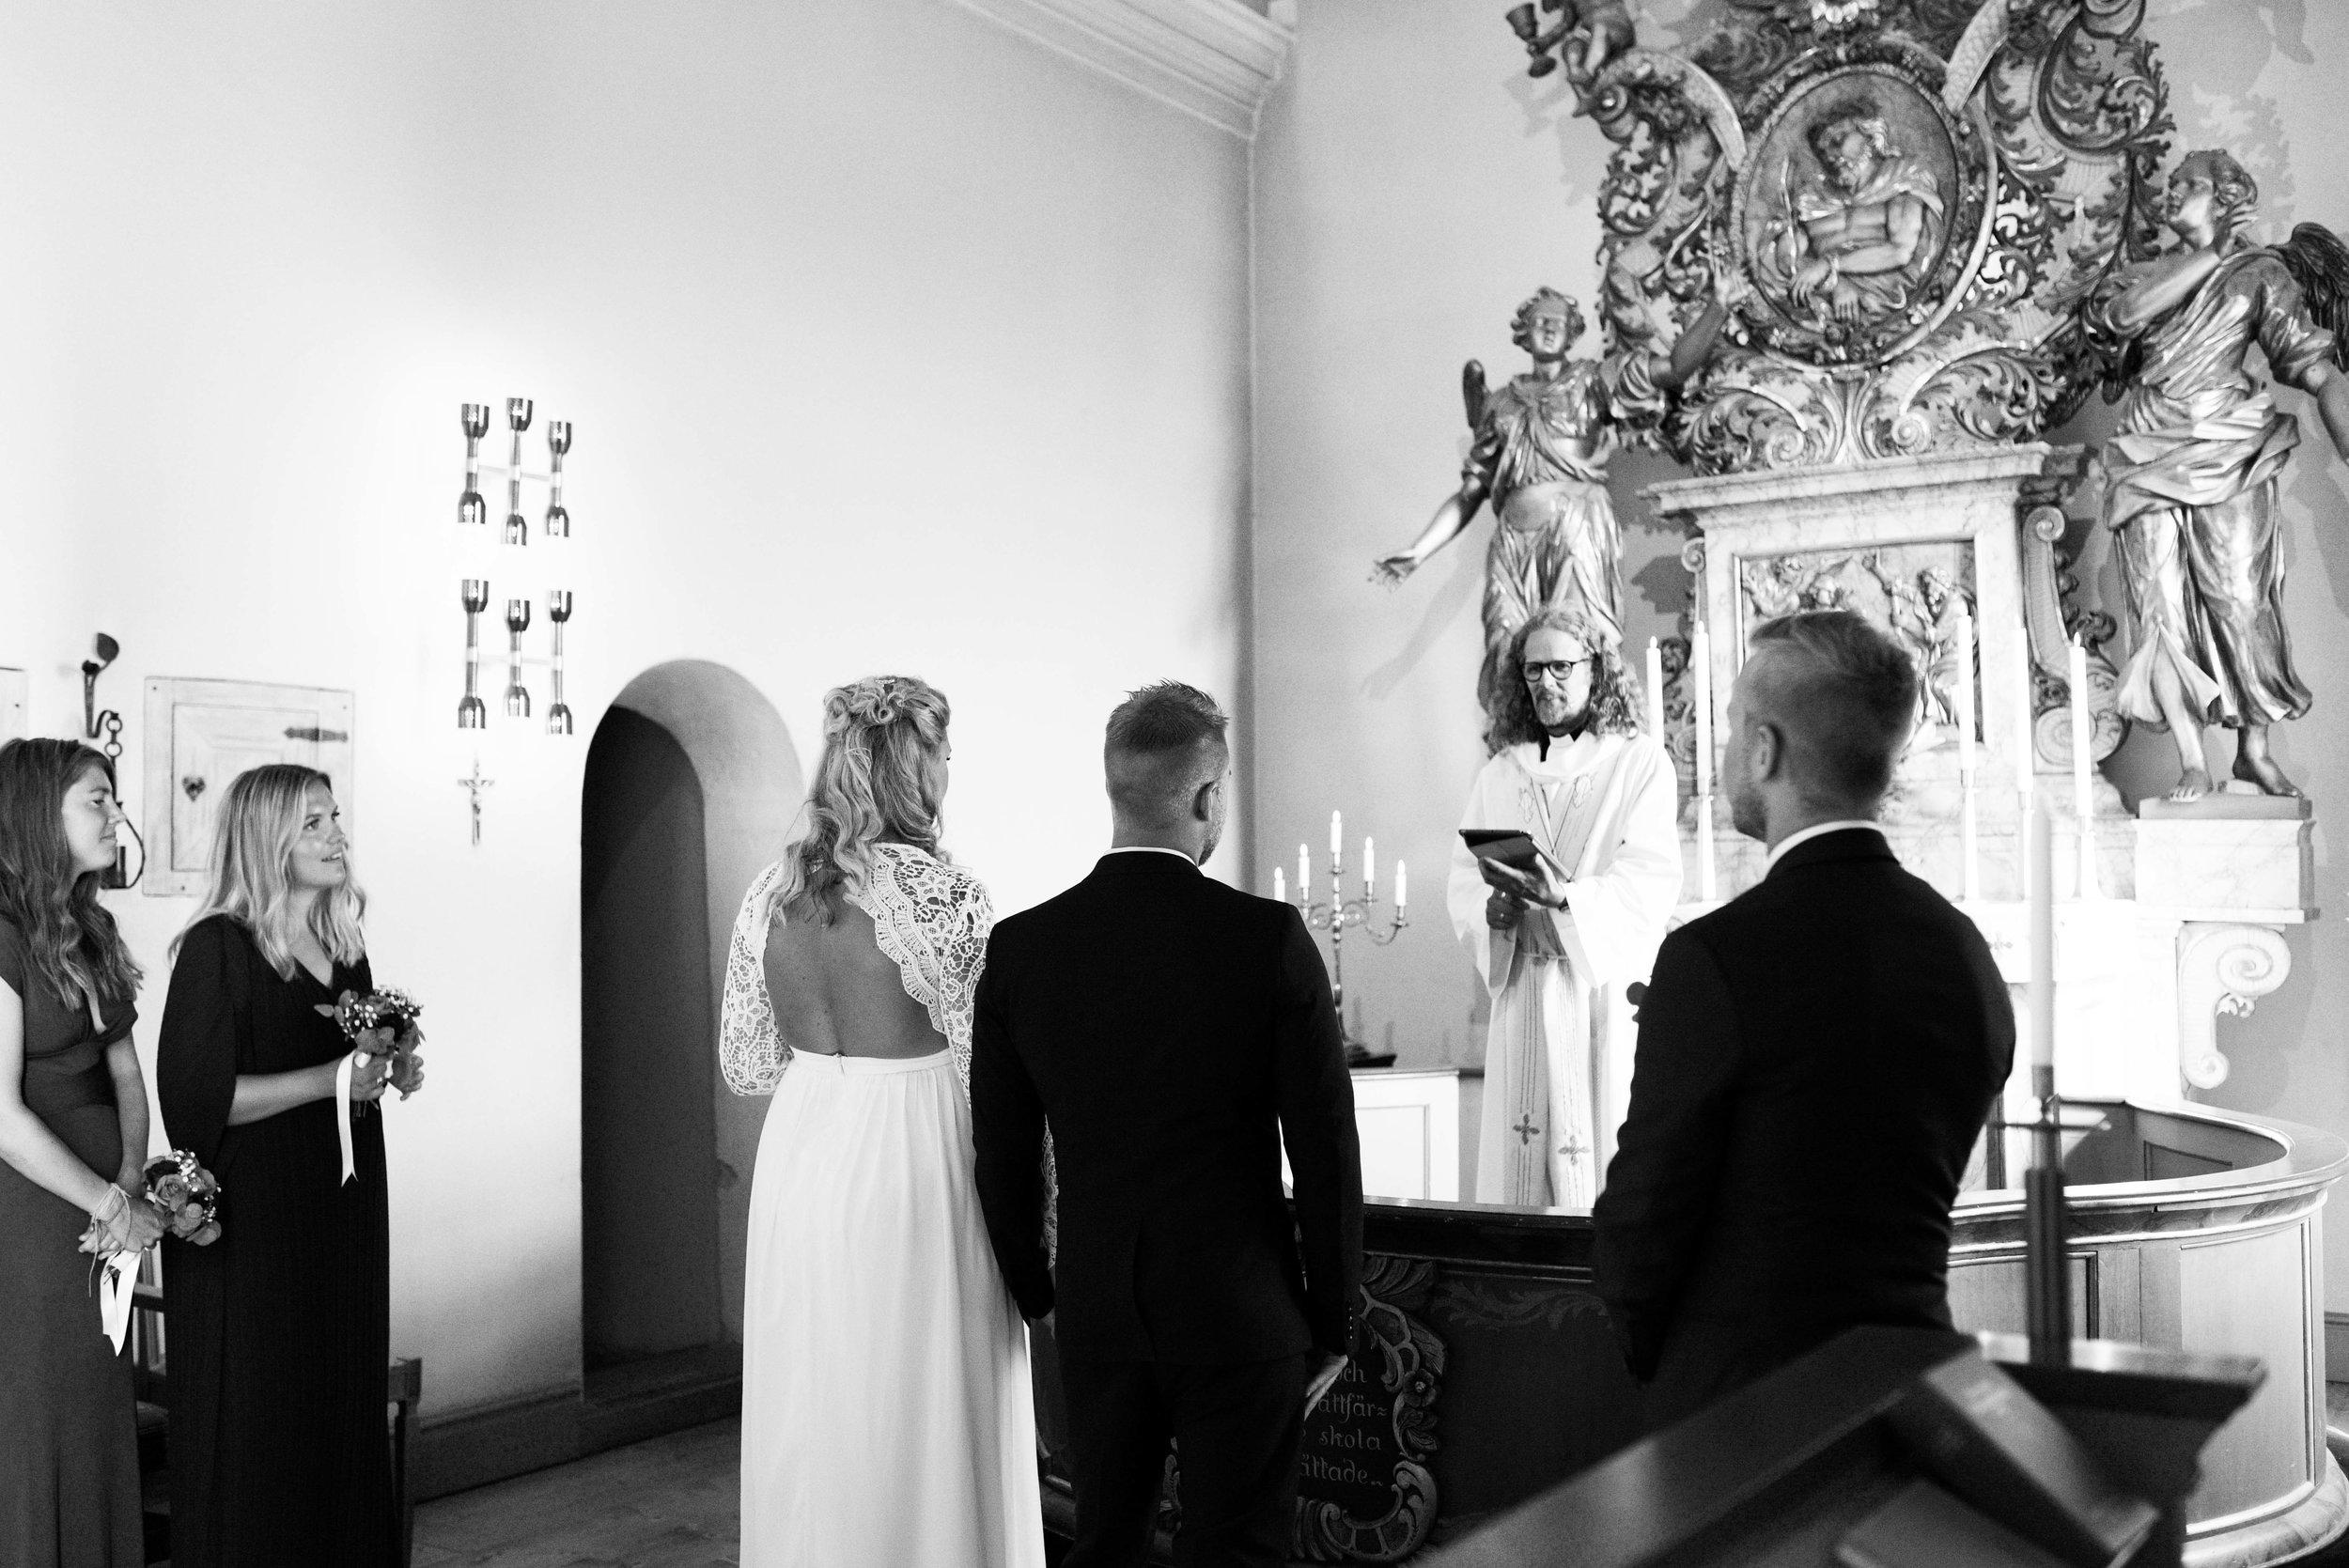 Bröllop2019lågkvall-5473.jpg